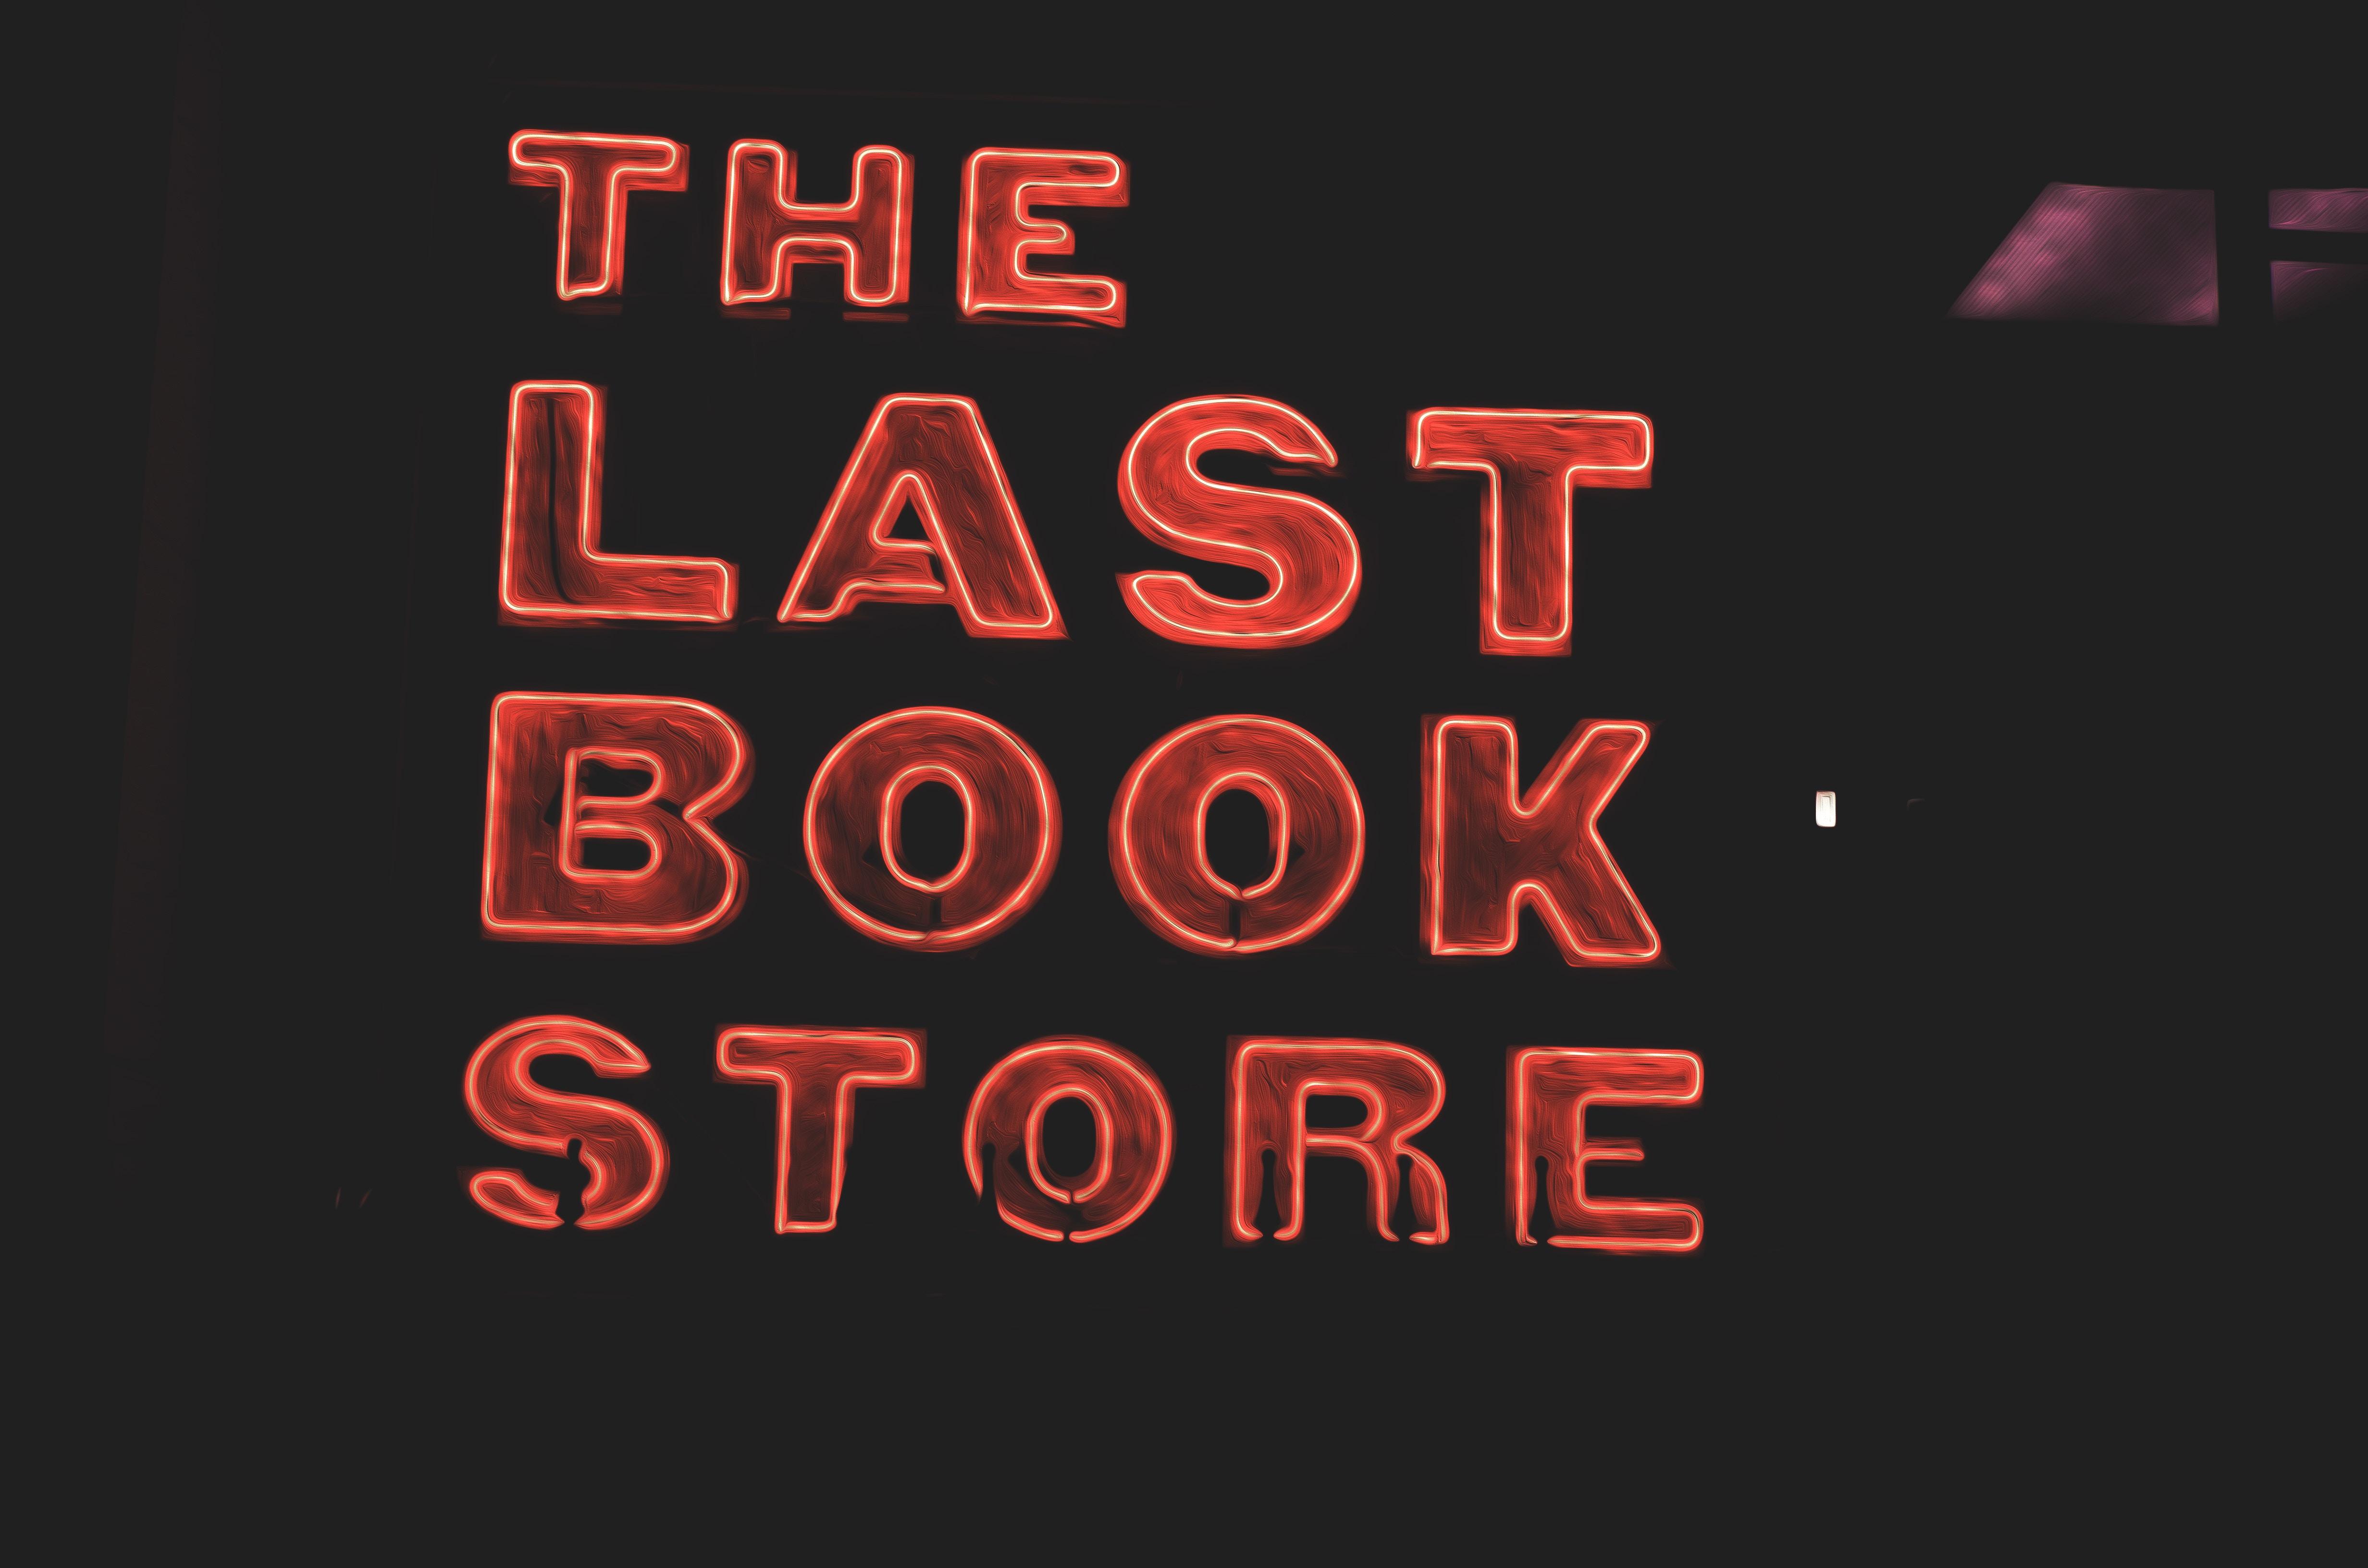 送料無料で本が受け取れるネット書店「e-hon」は、地方書店を救うかもしれない。